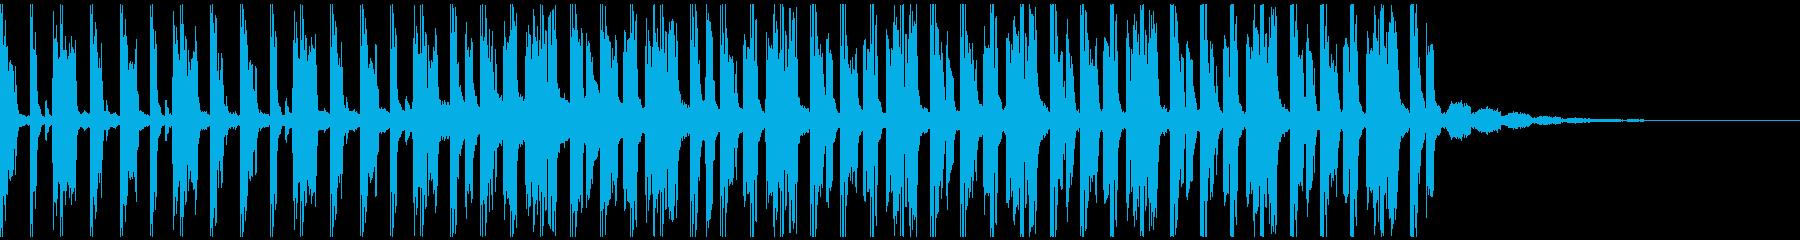 ラグジュアリーファッション(30秒)の再生済みの波形